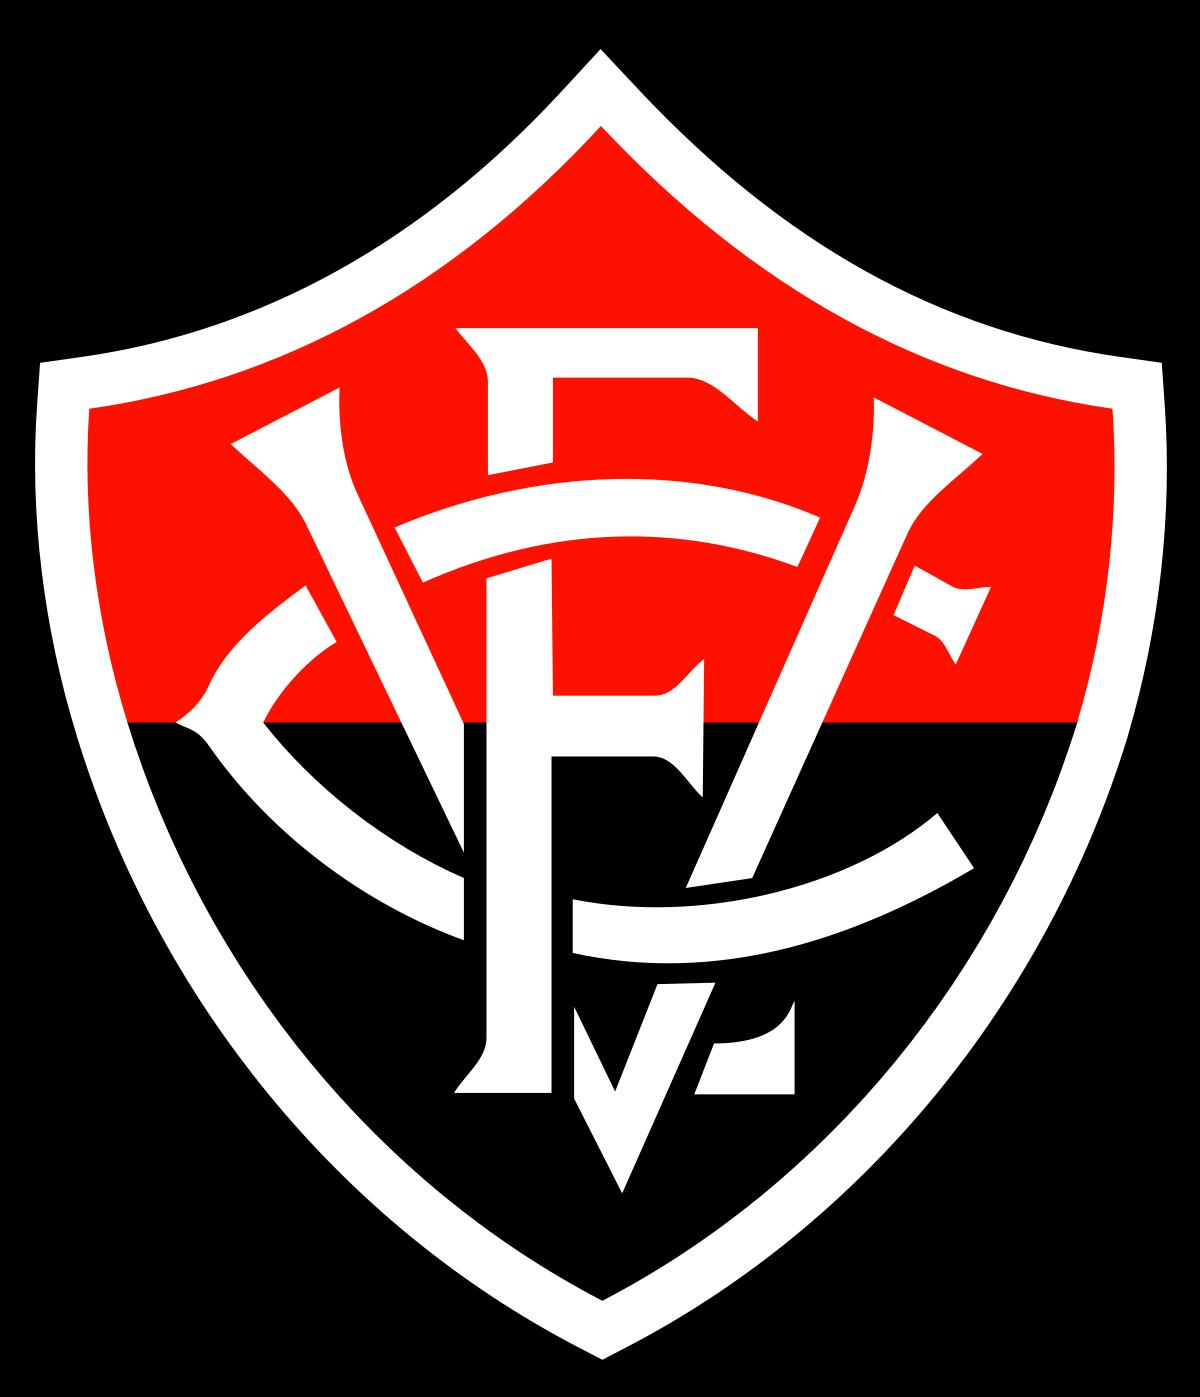 Vitoria W logo